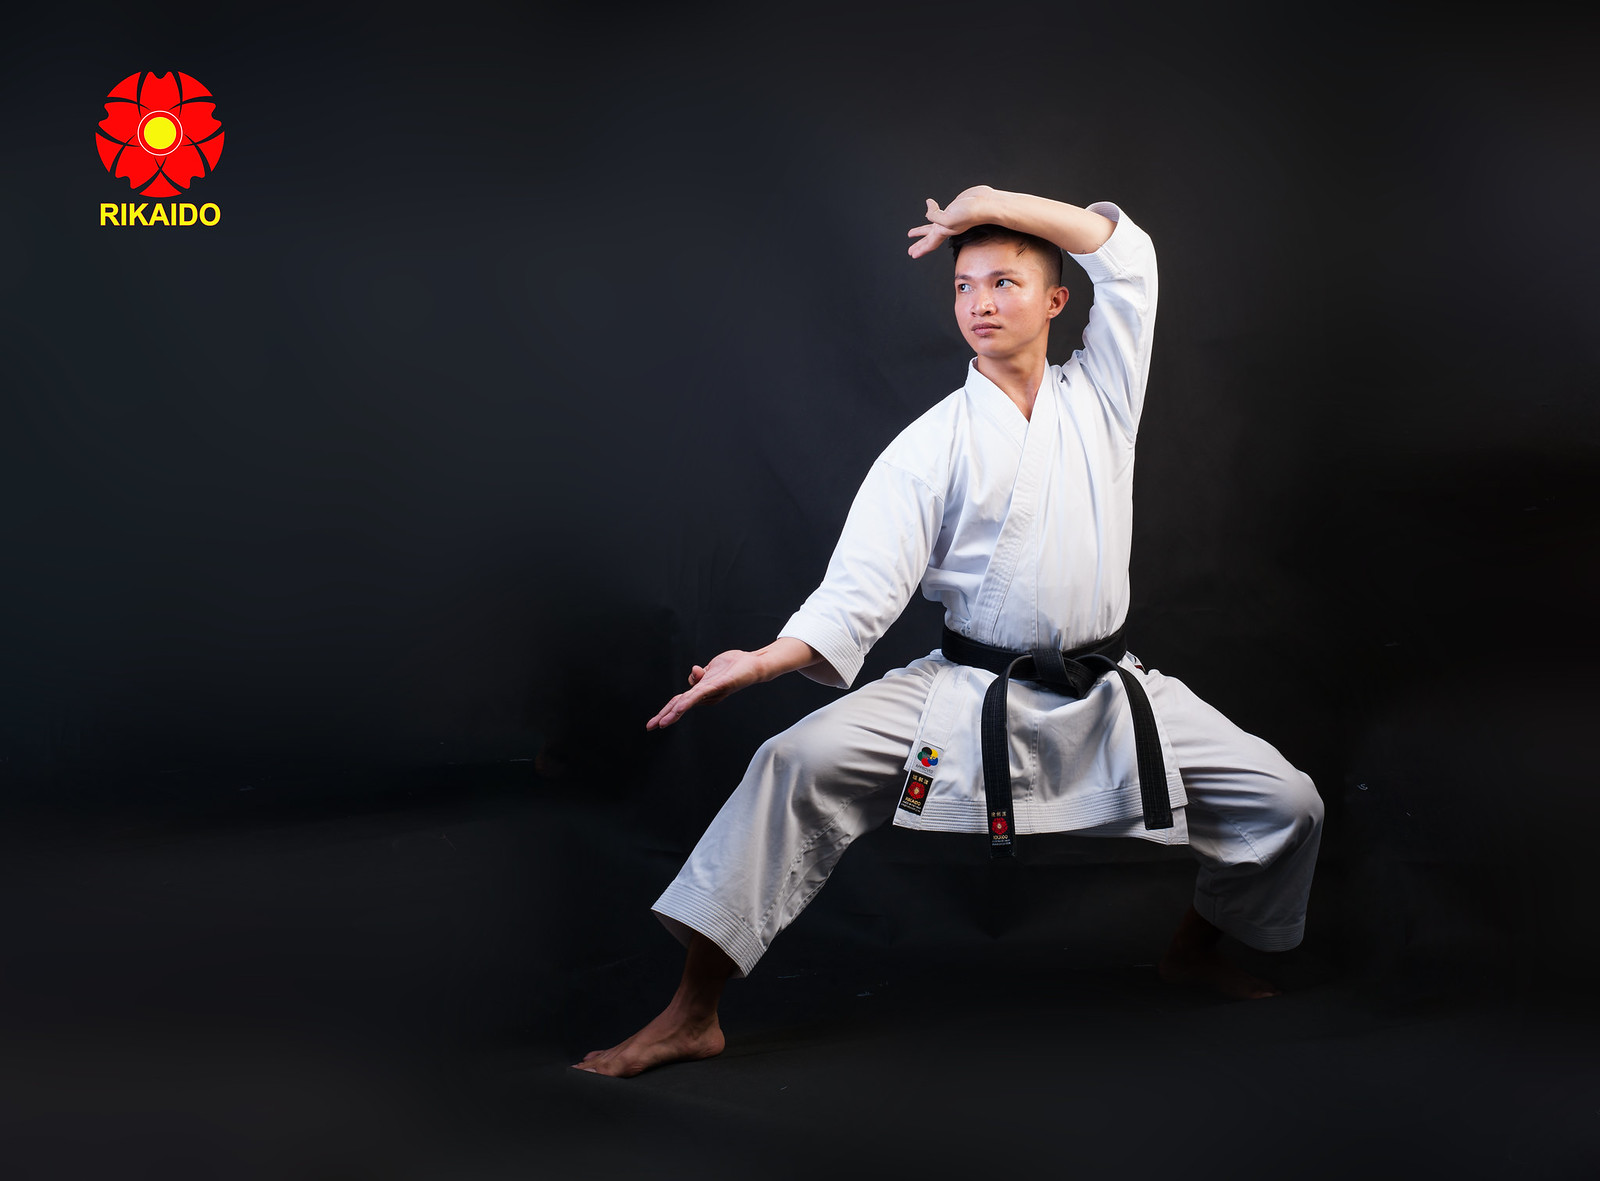 43930568402 48de6592cd h - Ảnh nghệ thuật karate chụp trong studio